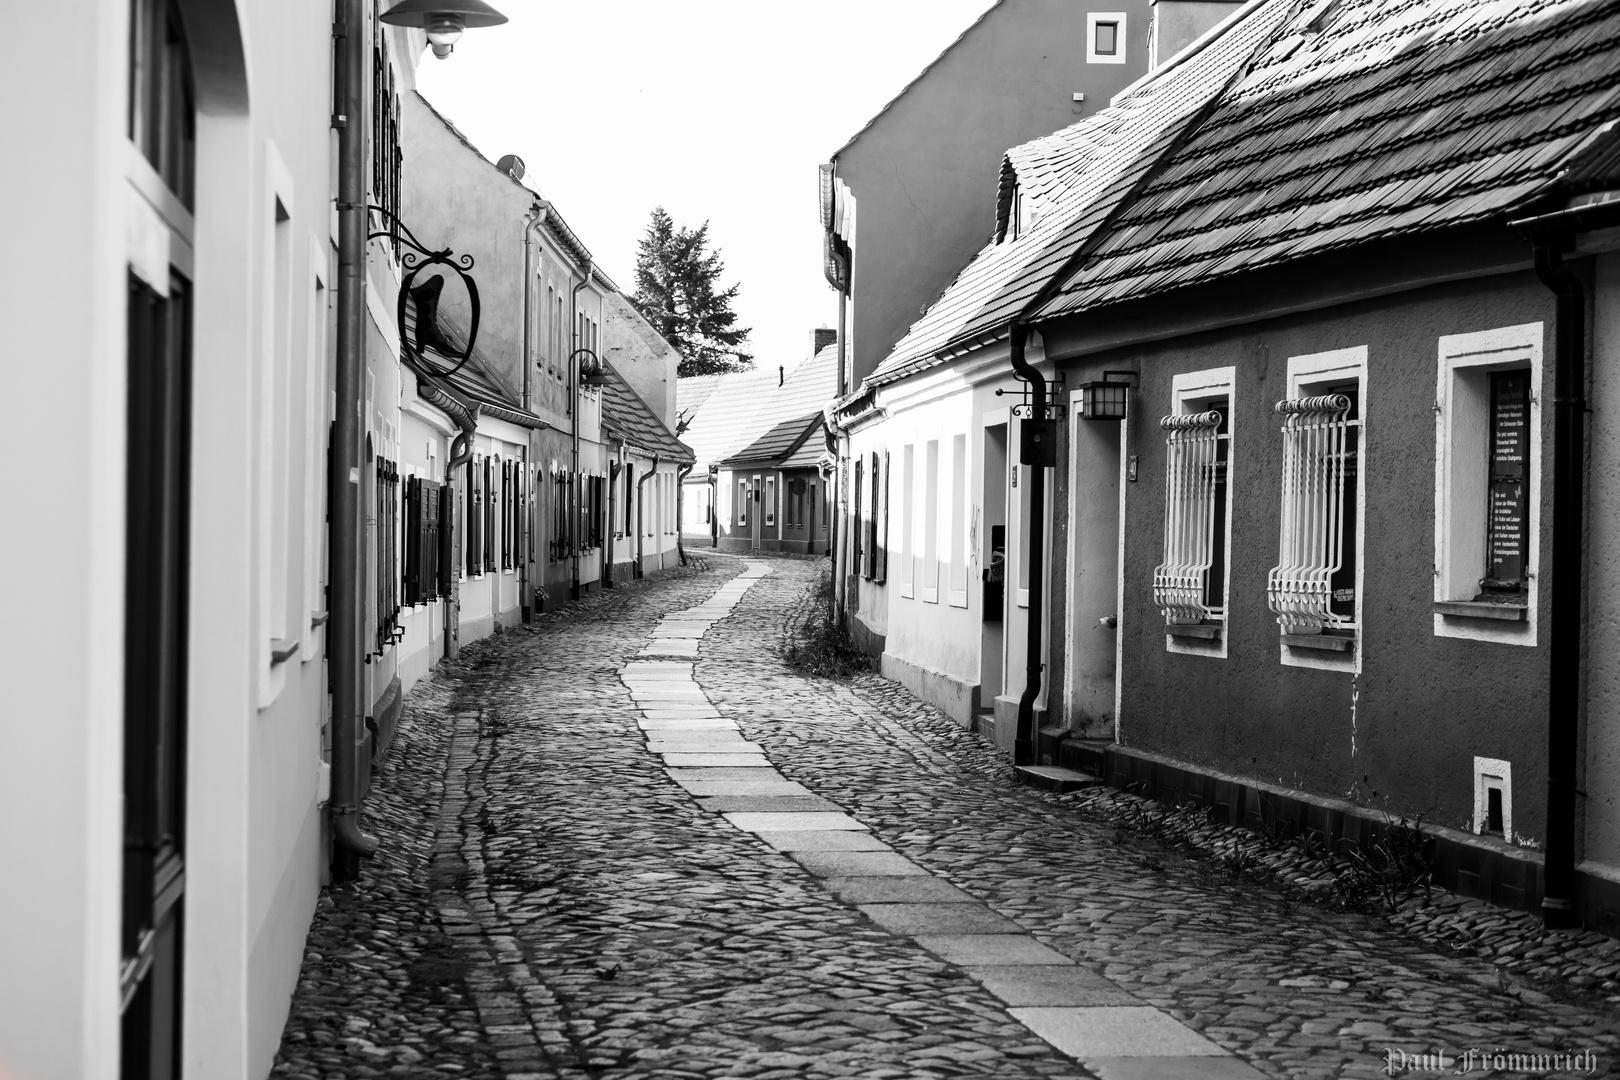 Altstadt in Hoyerswerda